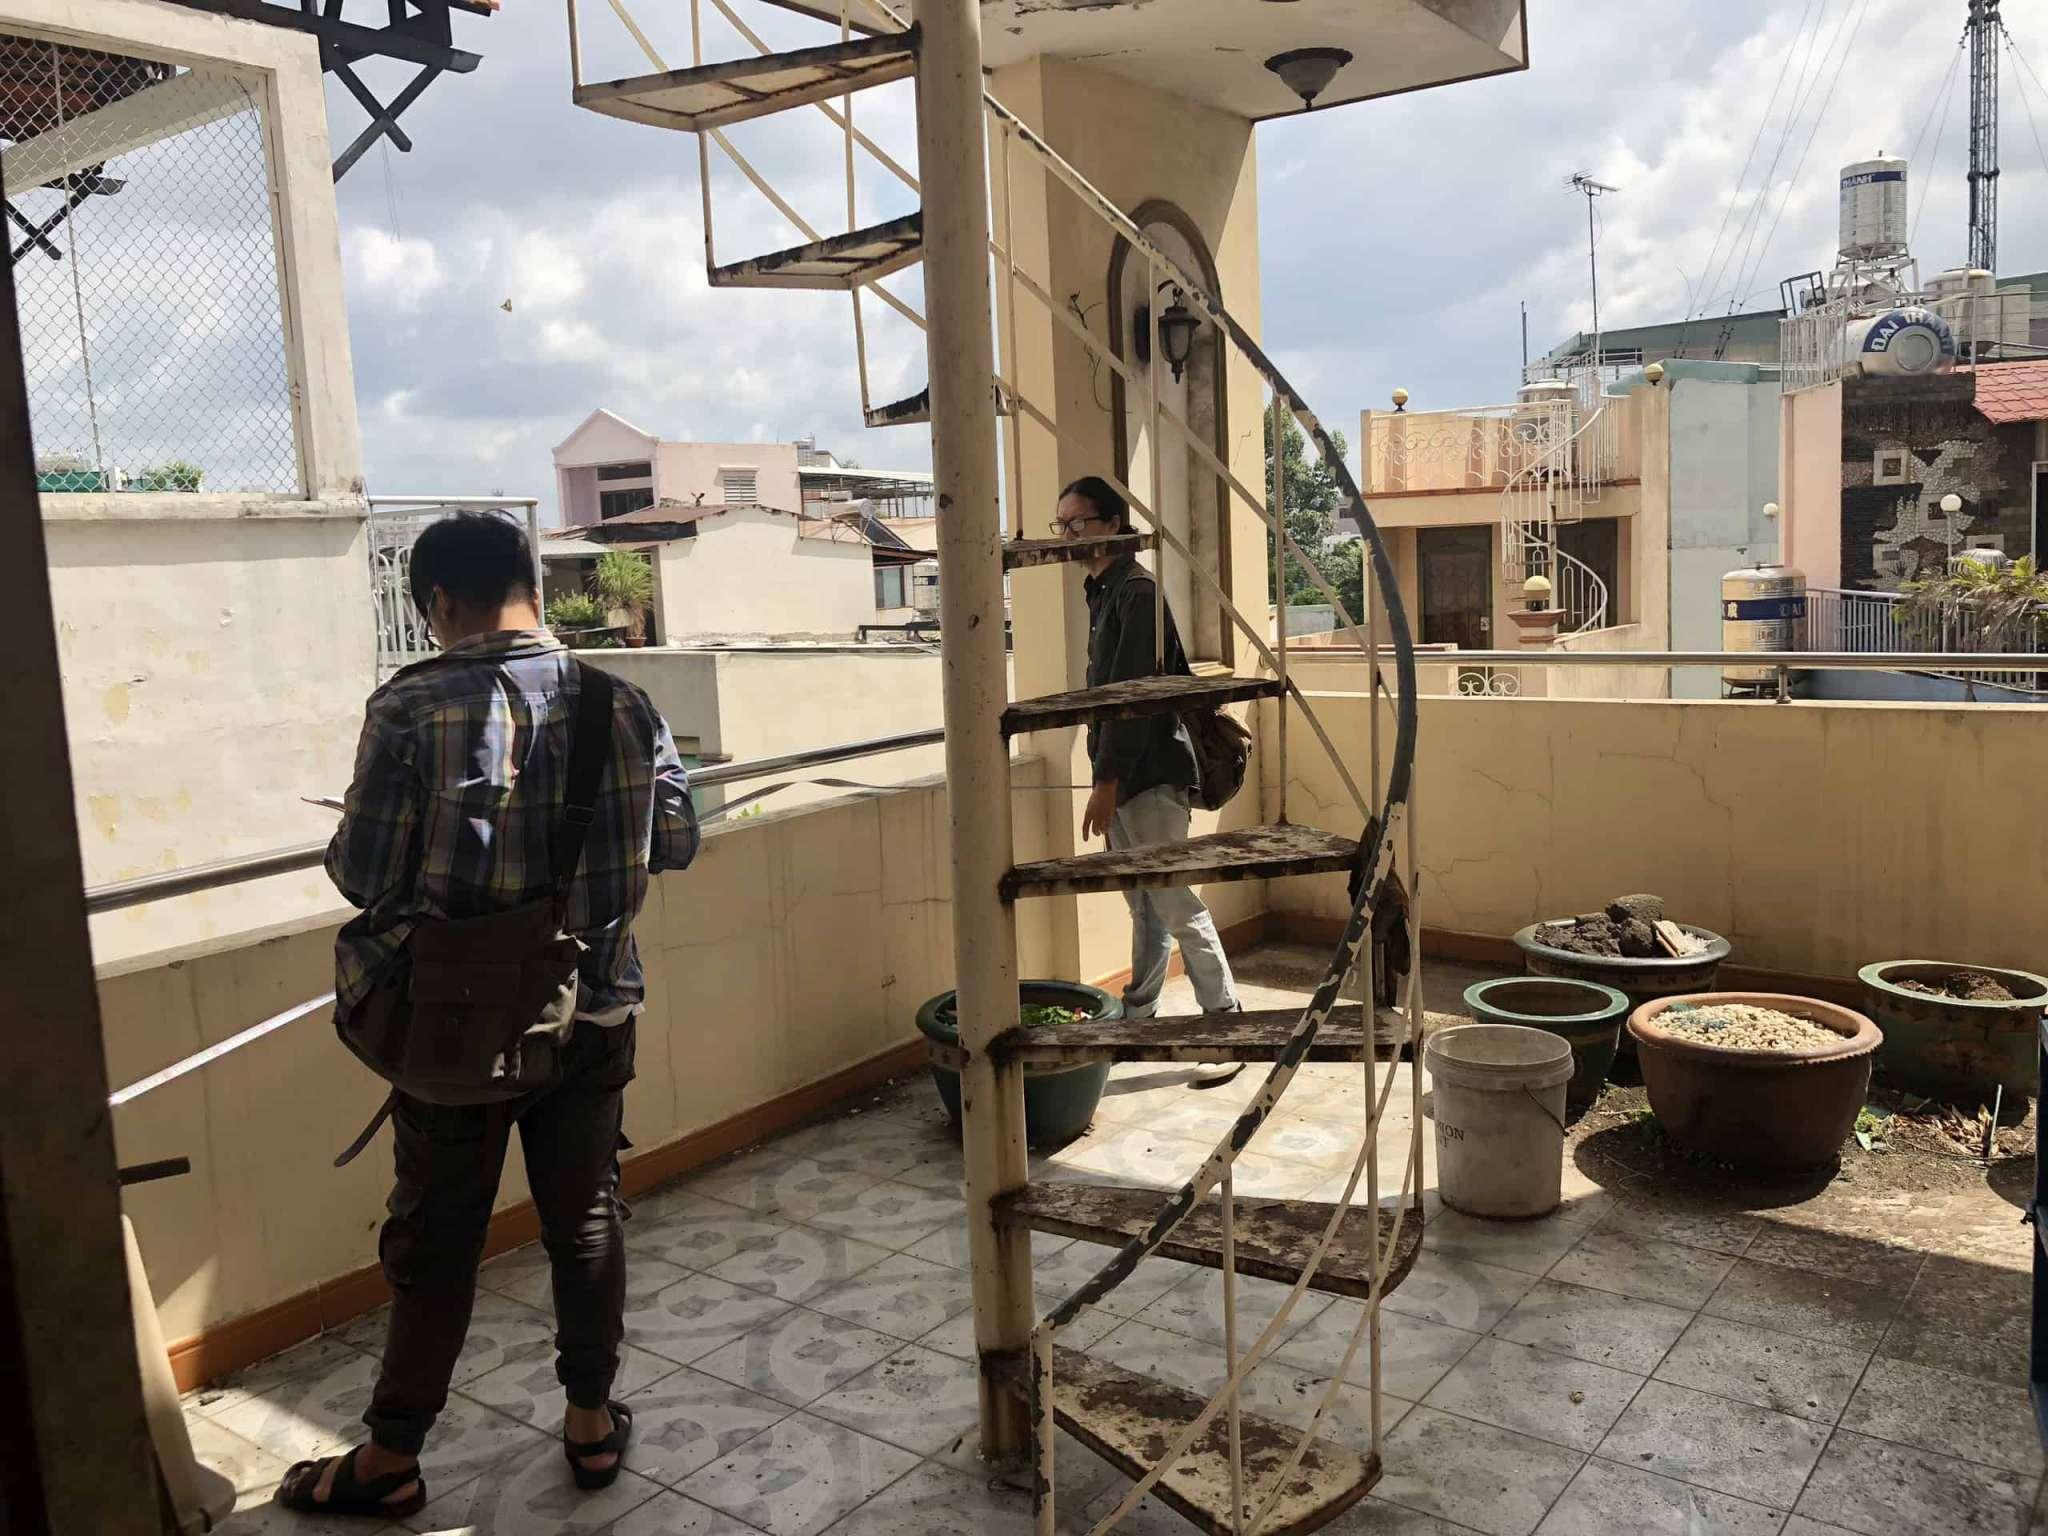 Đo vẽ hiện trạng, cải tạo căn hộ cho thuê Airbnb đường Mai Thị Lựu trước khi cải tạo 1